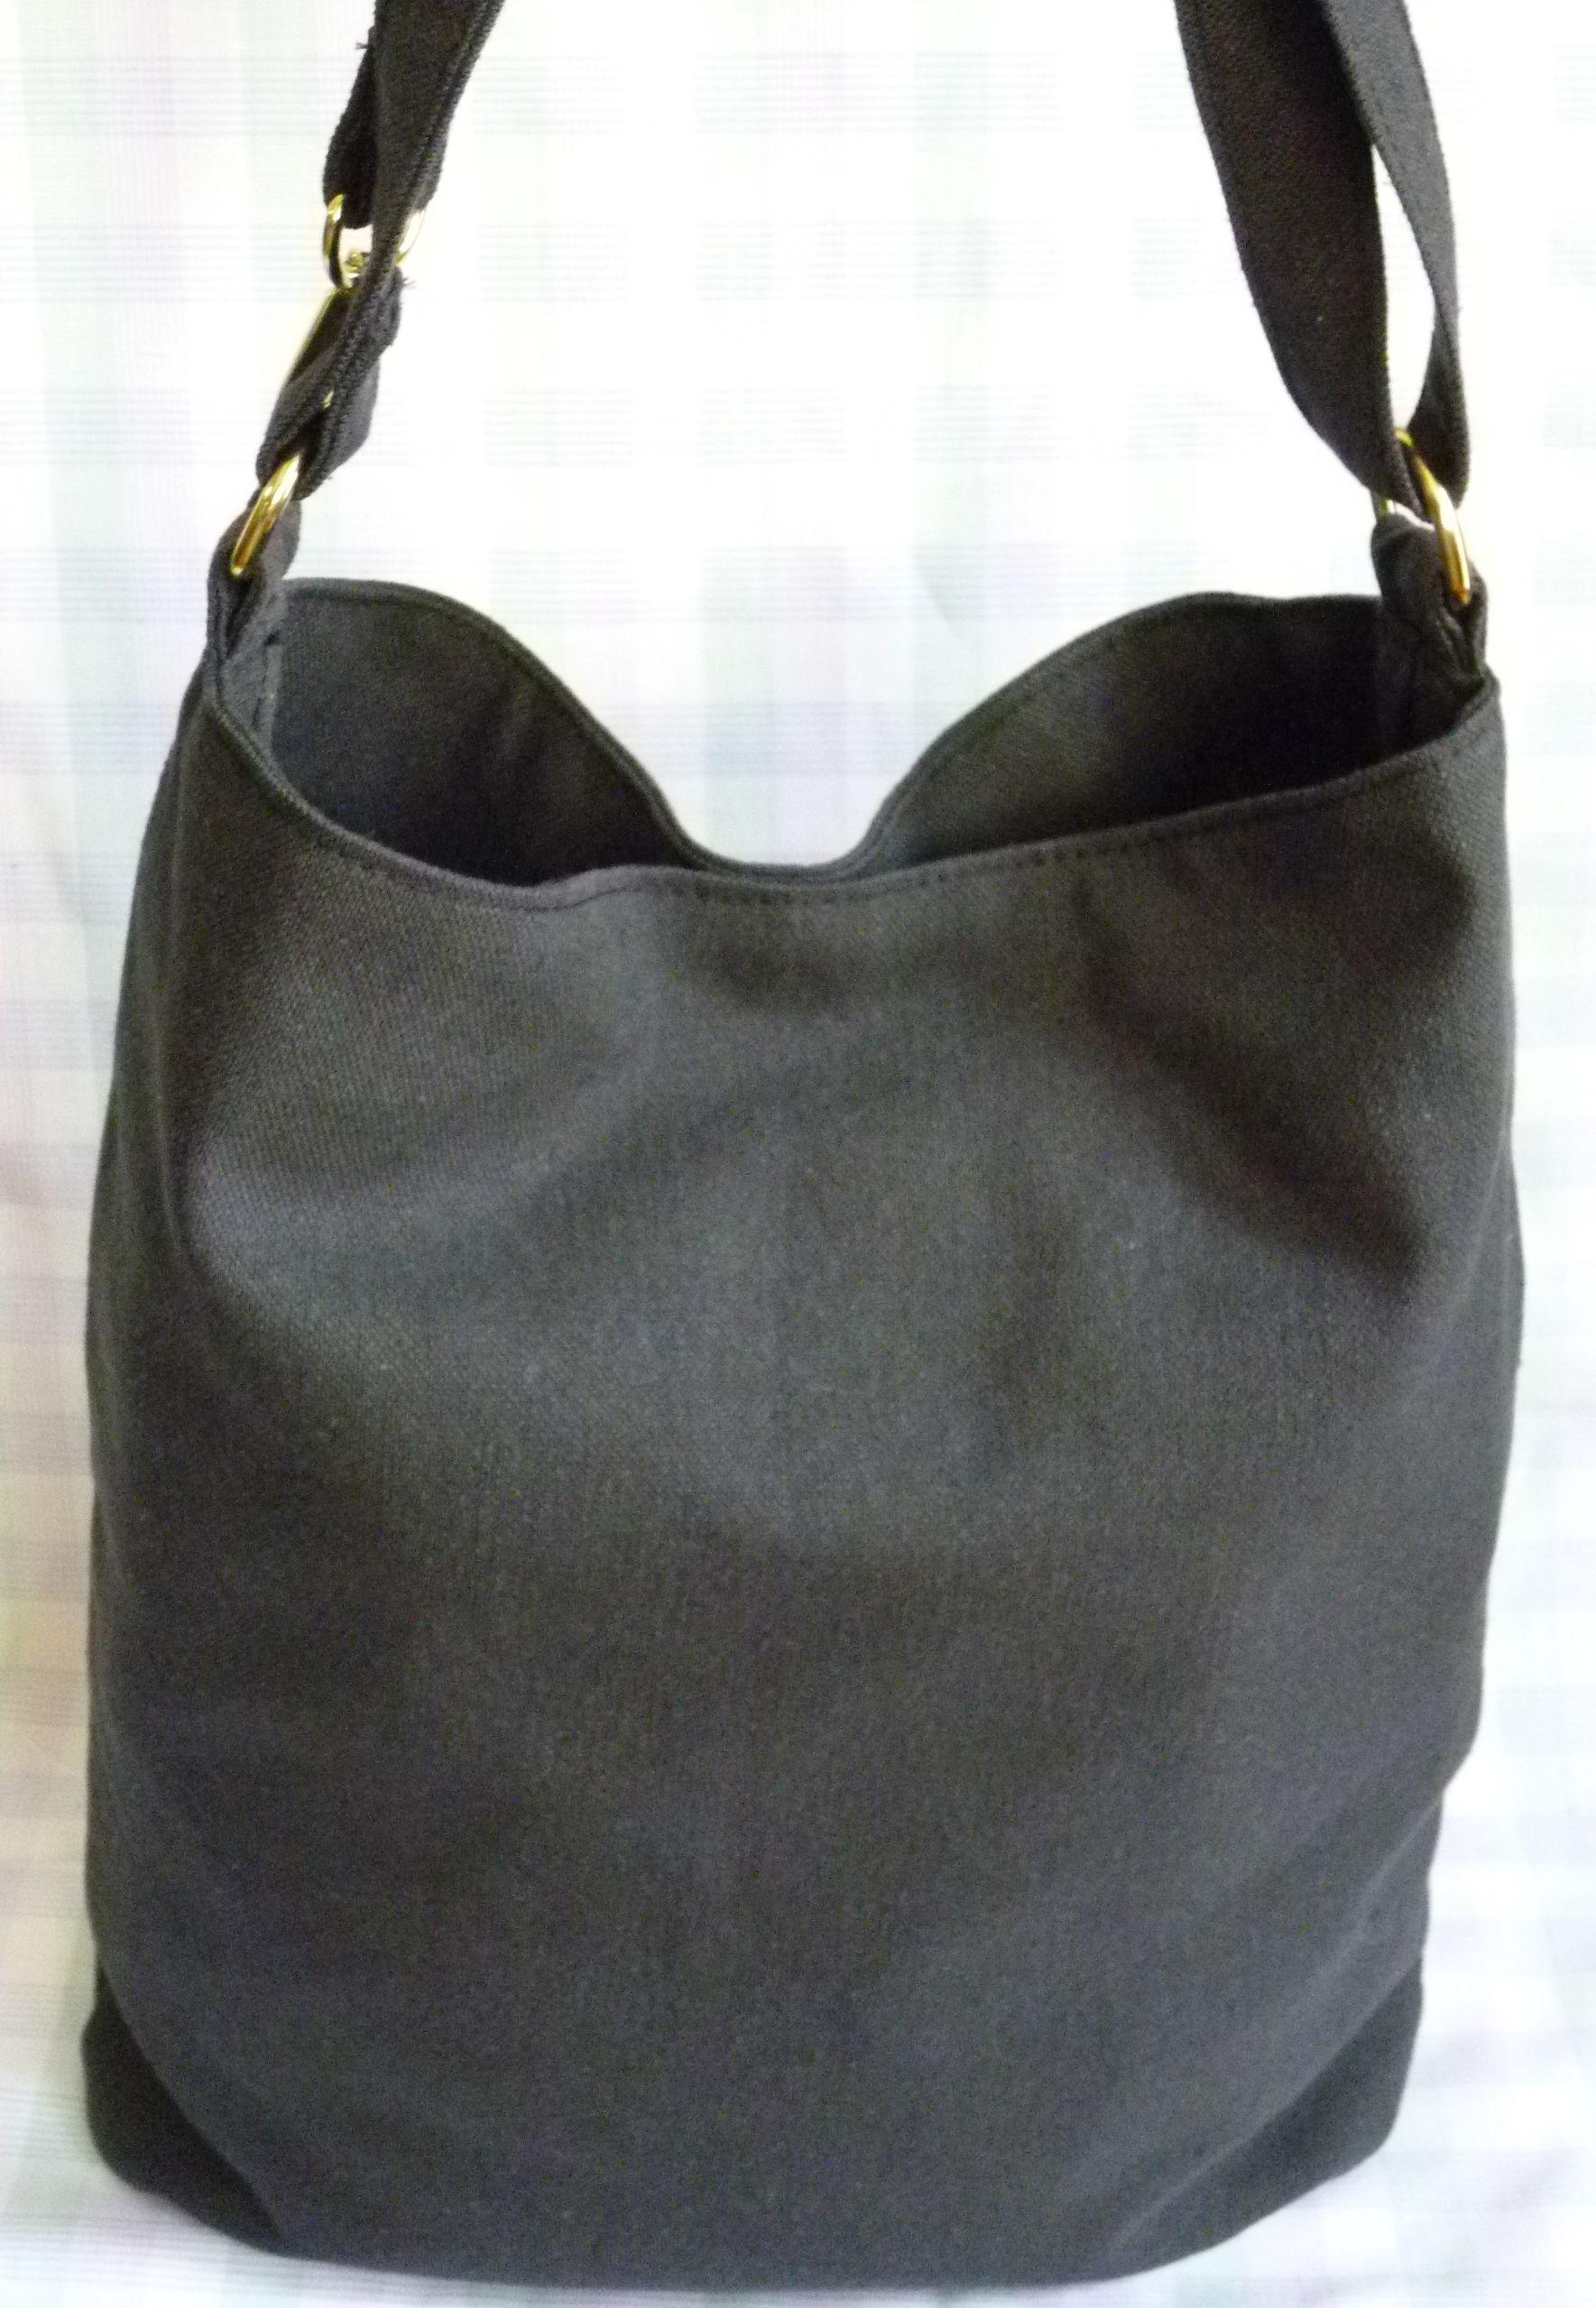 Bolso blasico en color negro. Se utiliza como morral o al hombro. CUERA. https://www.facebook.com/cueradisegno?fref=ts